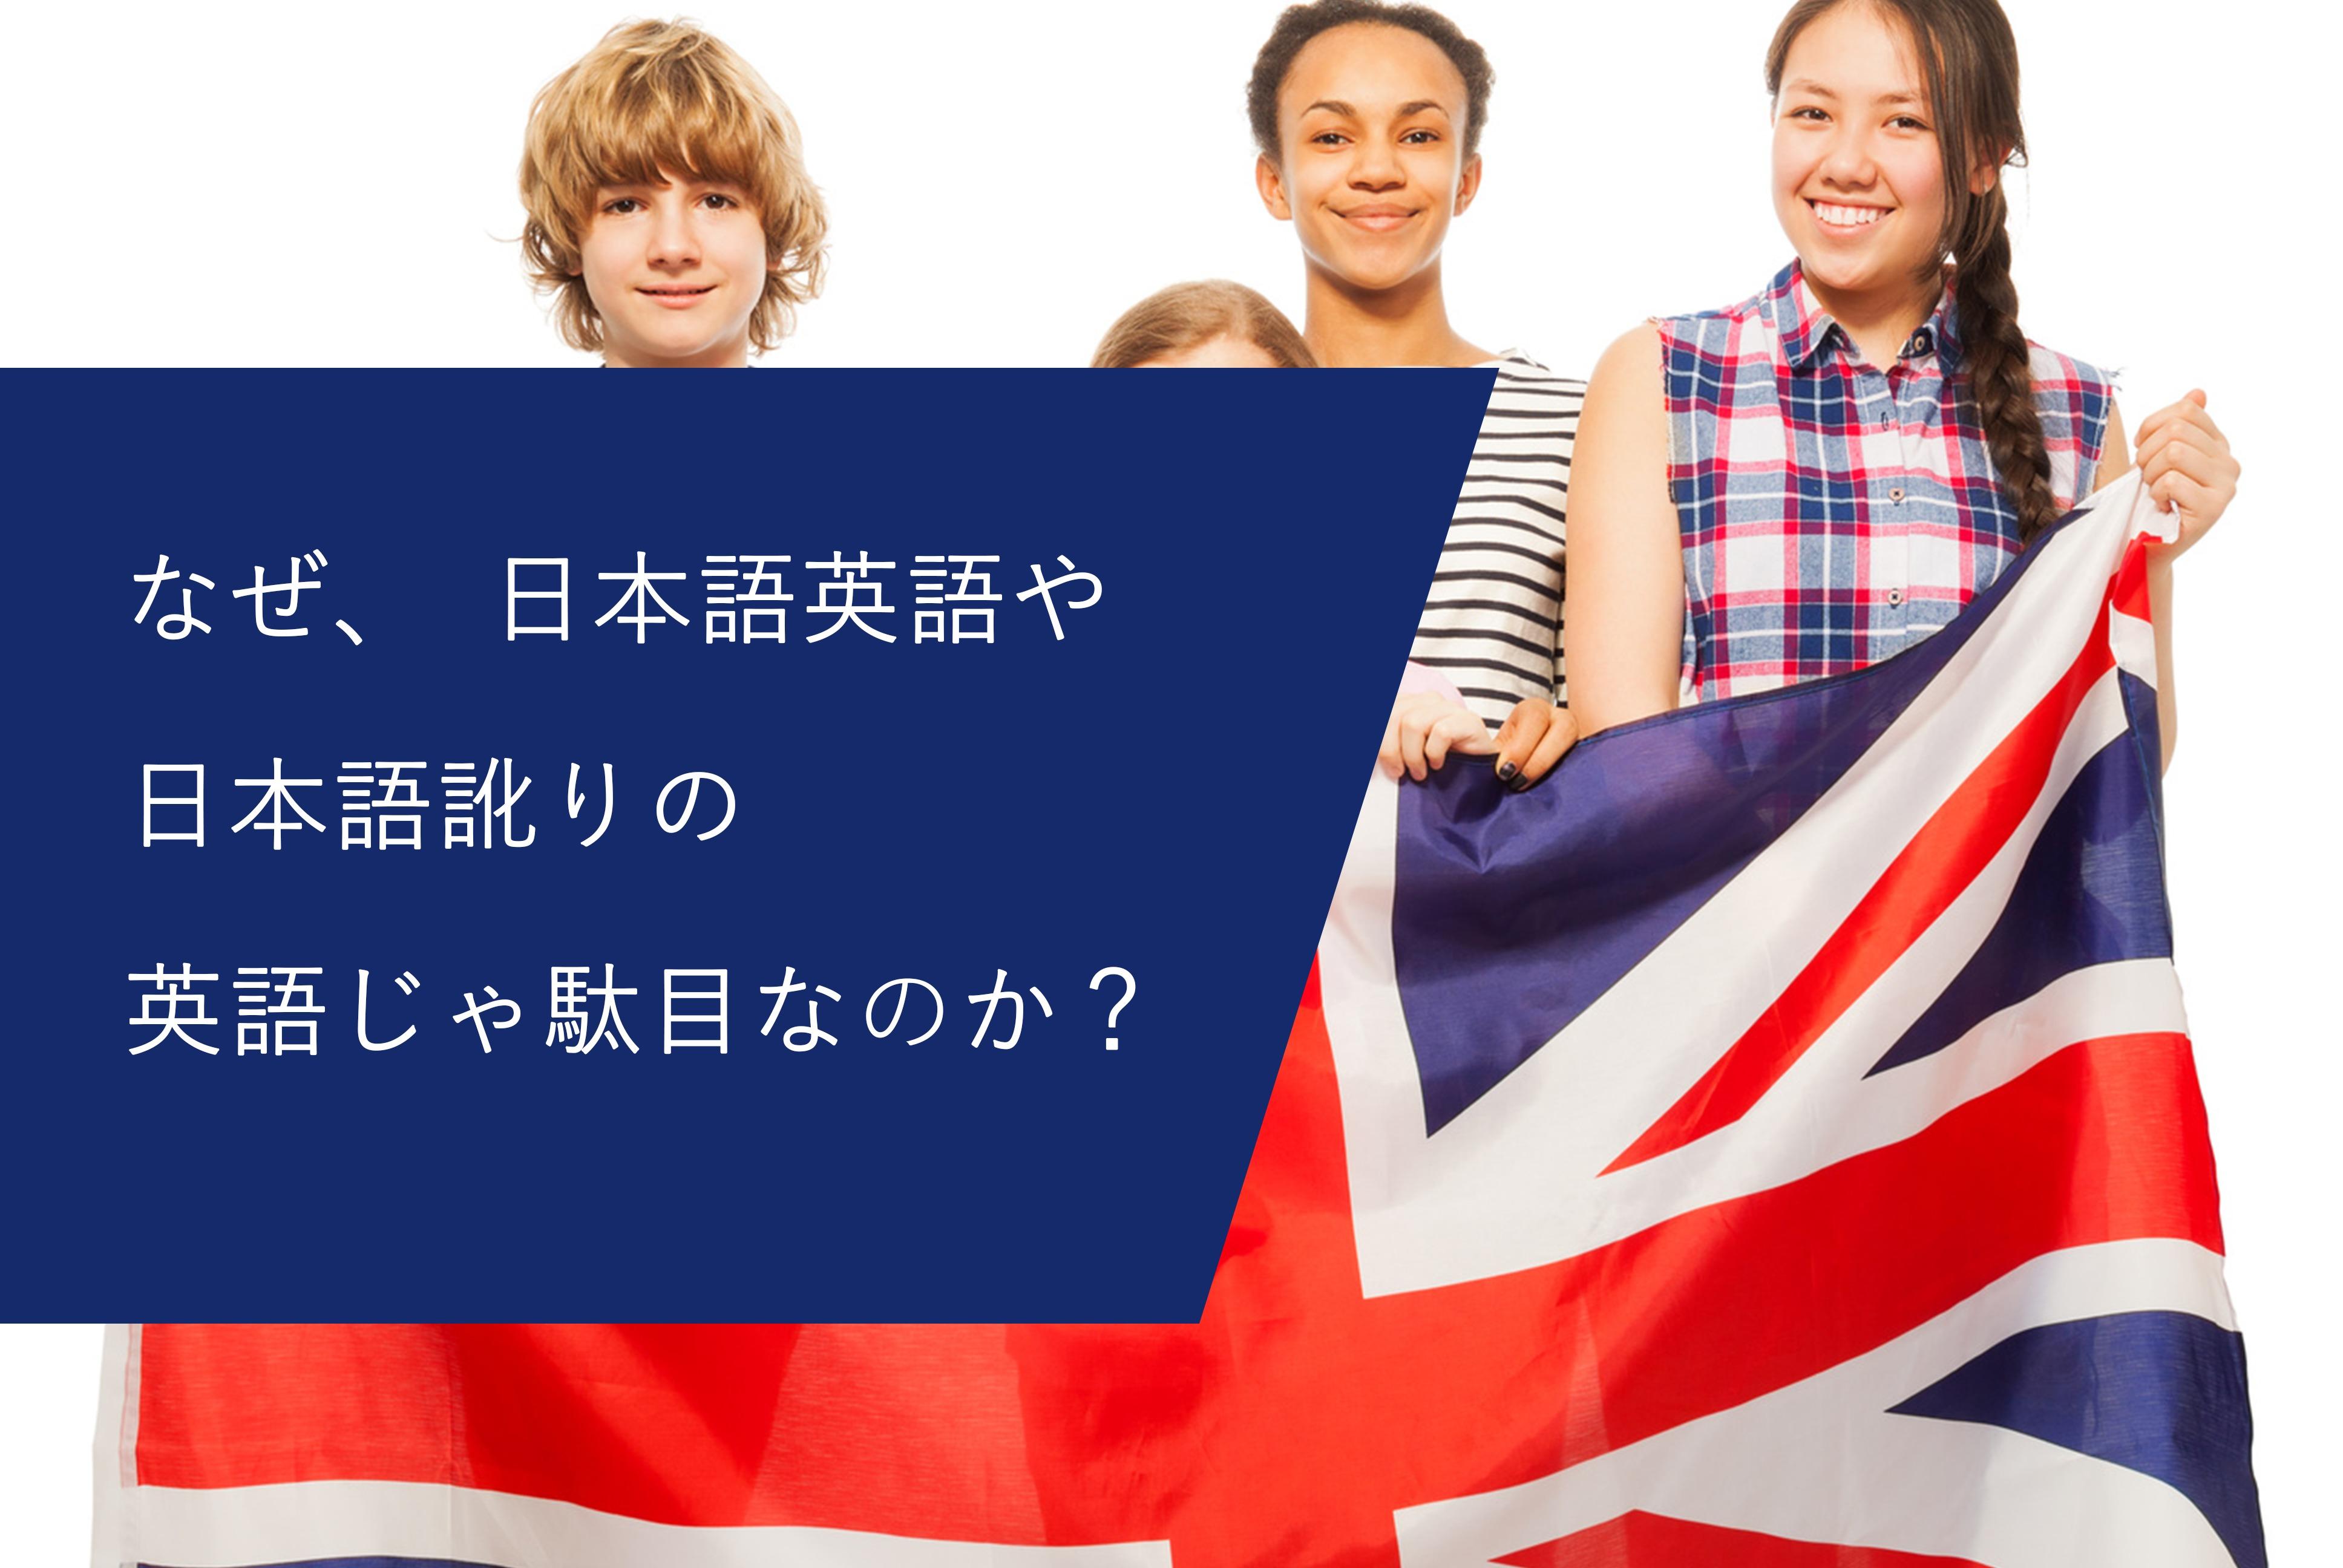 なぜ、日本語英語や日本語訛りの英語じゃ駄目なのか?